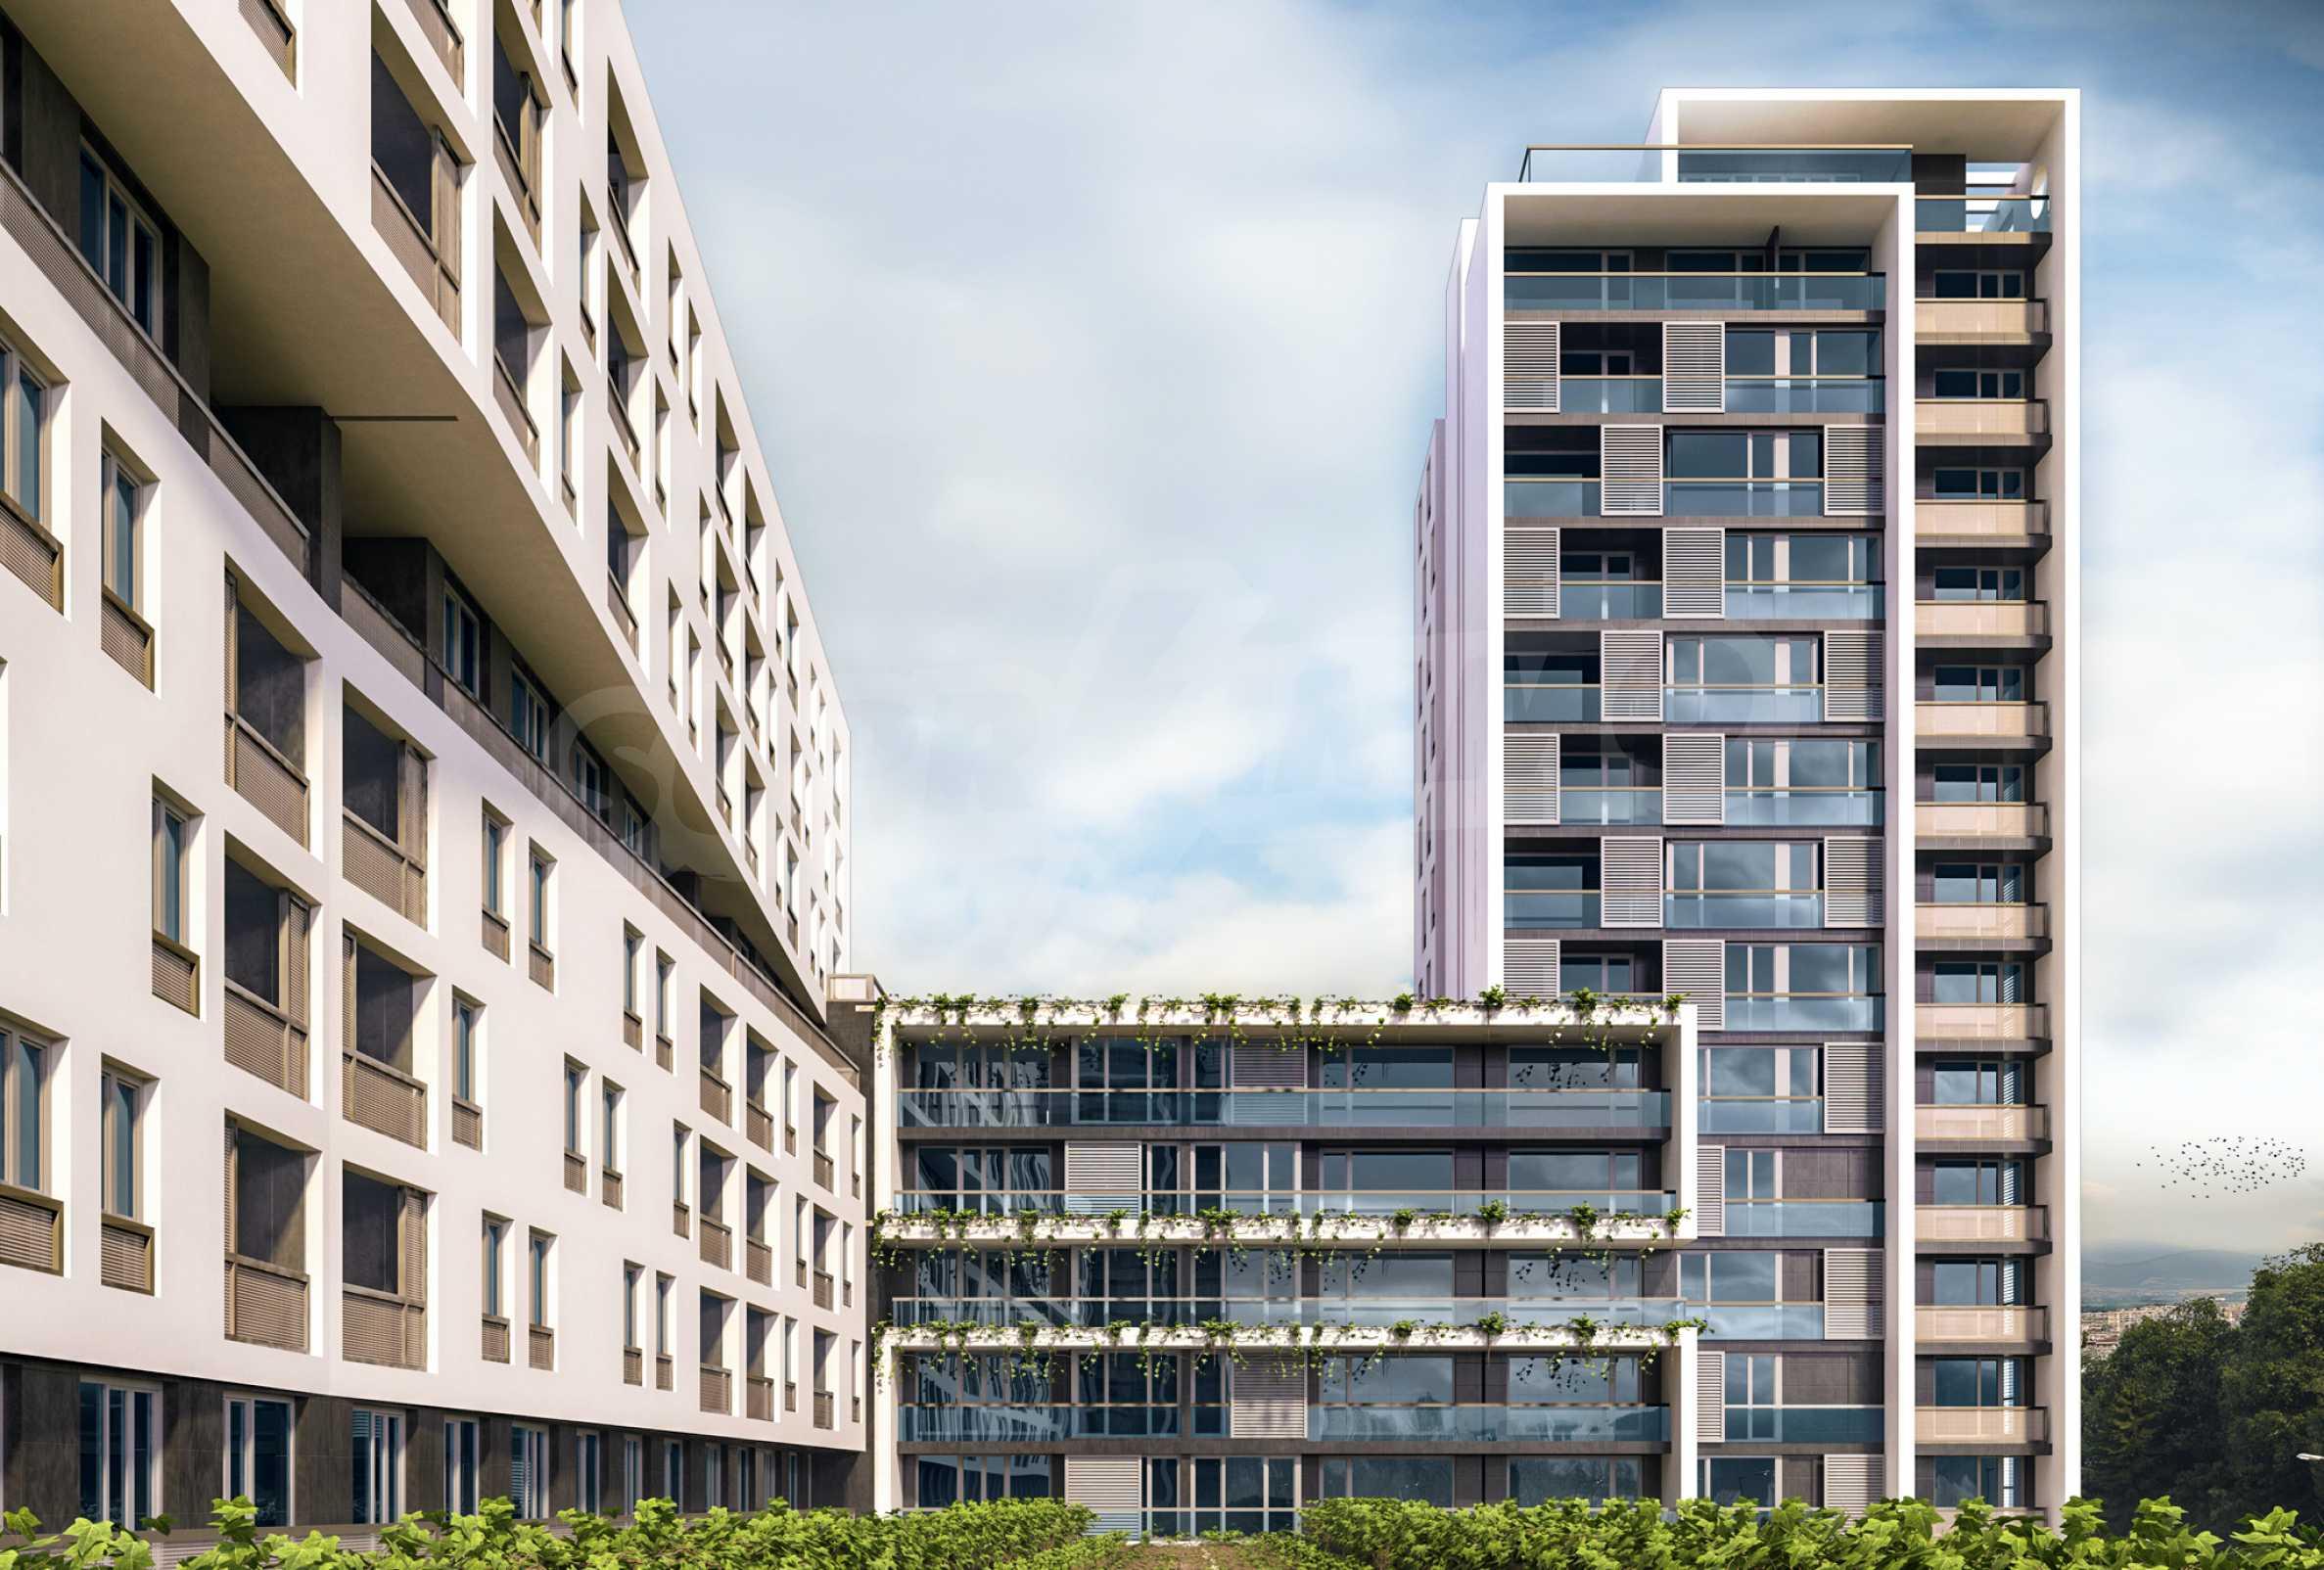 Exklusives Wohnprojekt in einer ruhigen Grünlage nahe Zentrum 9